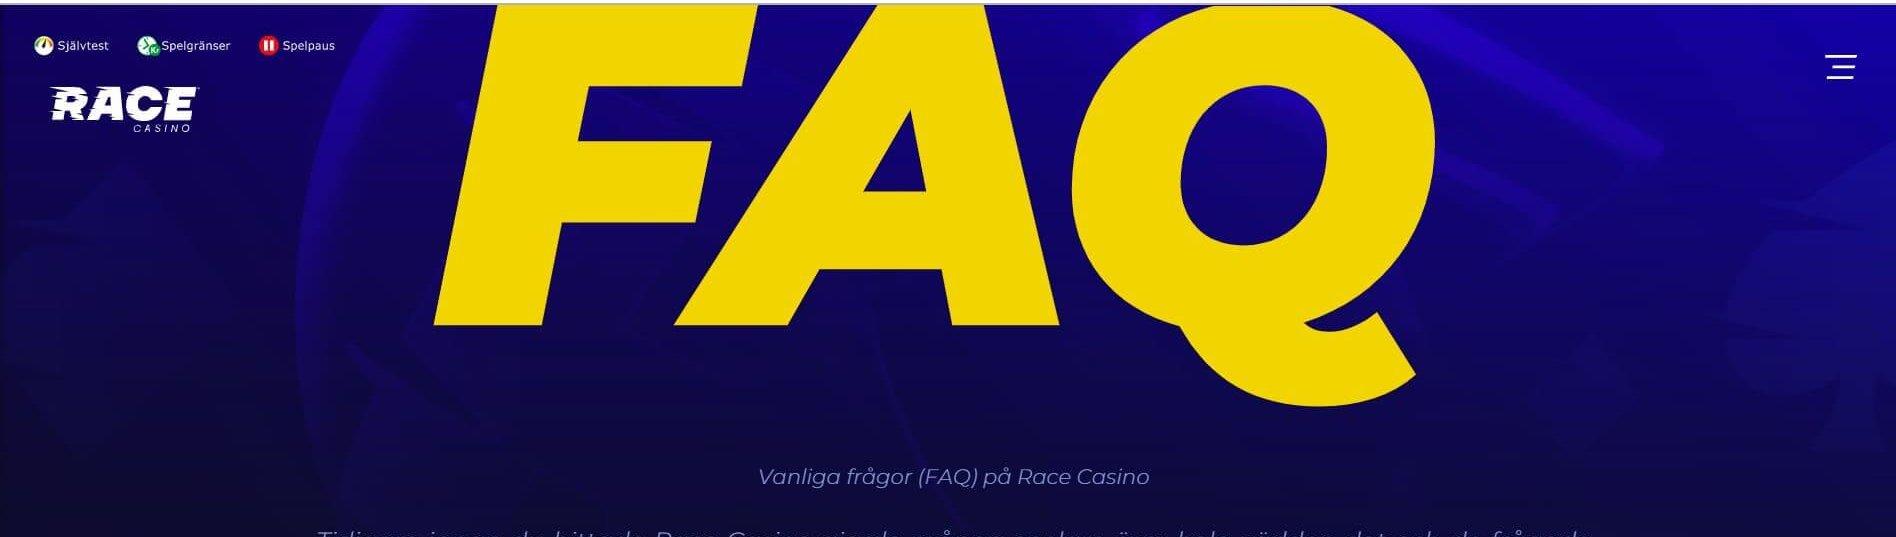 Race Casino har flertalet kontakt- och informationsvägar